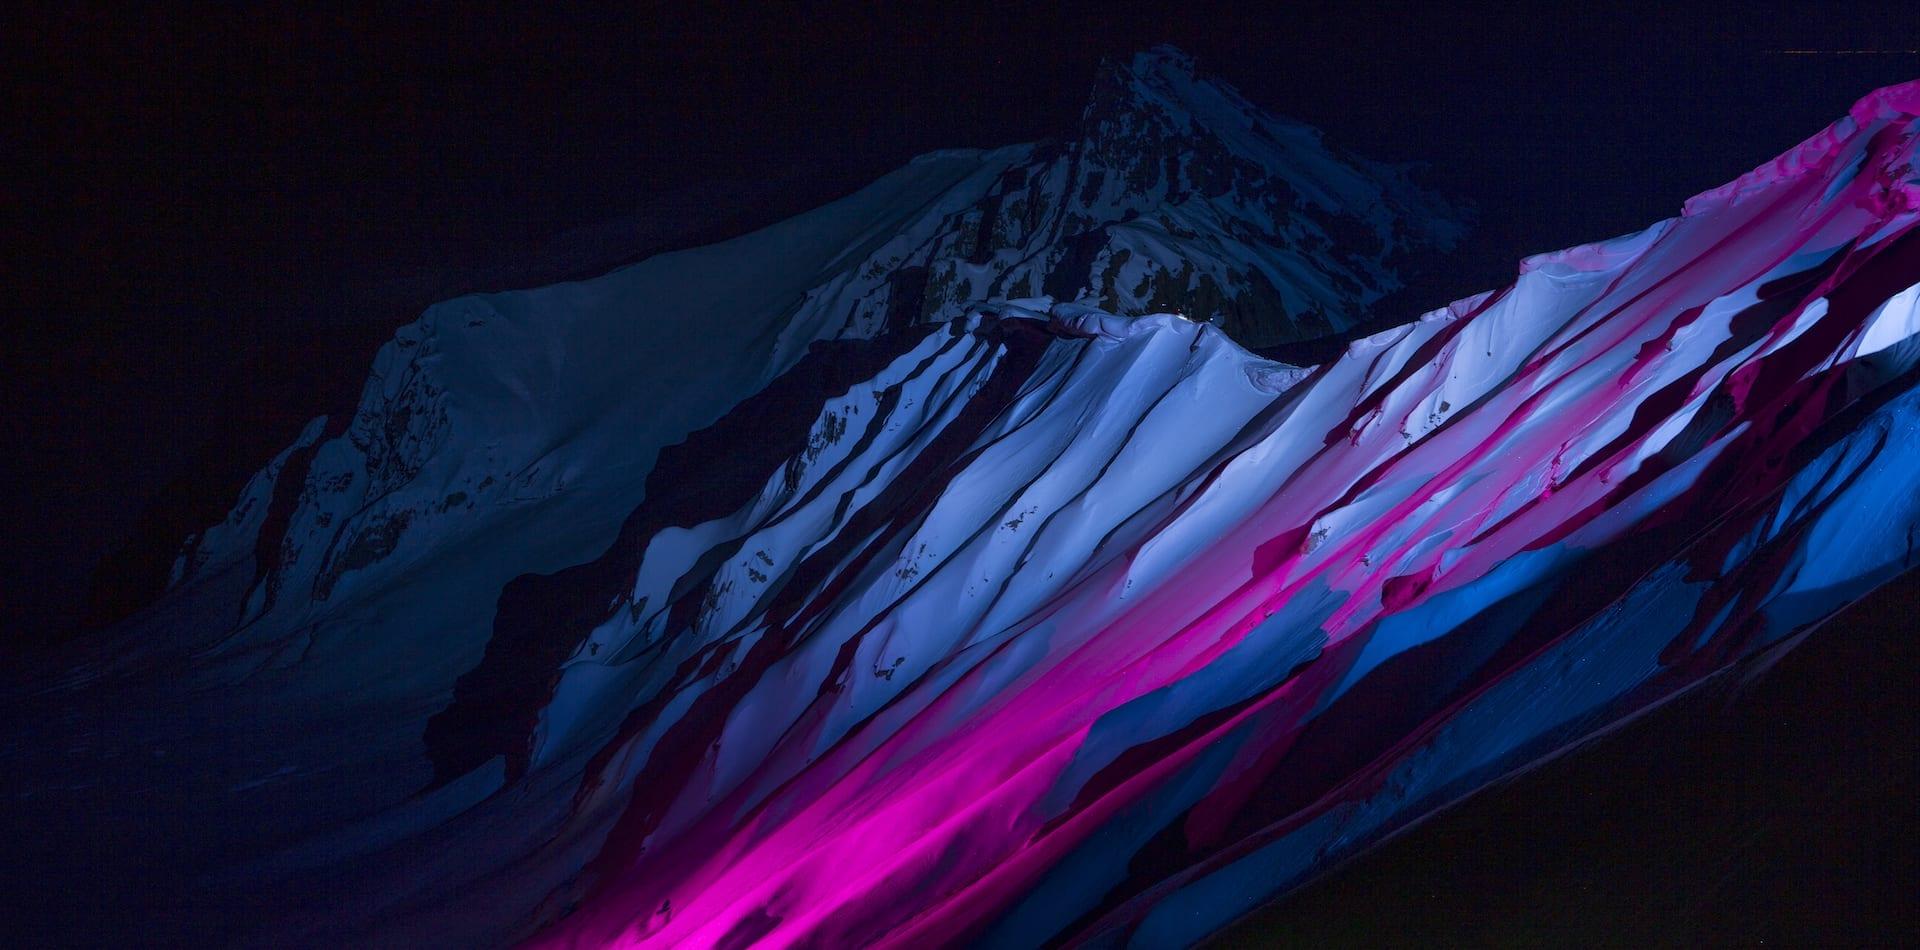 Night skiing through Wilderness, British Columbia